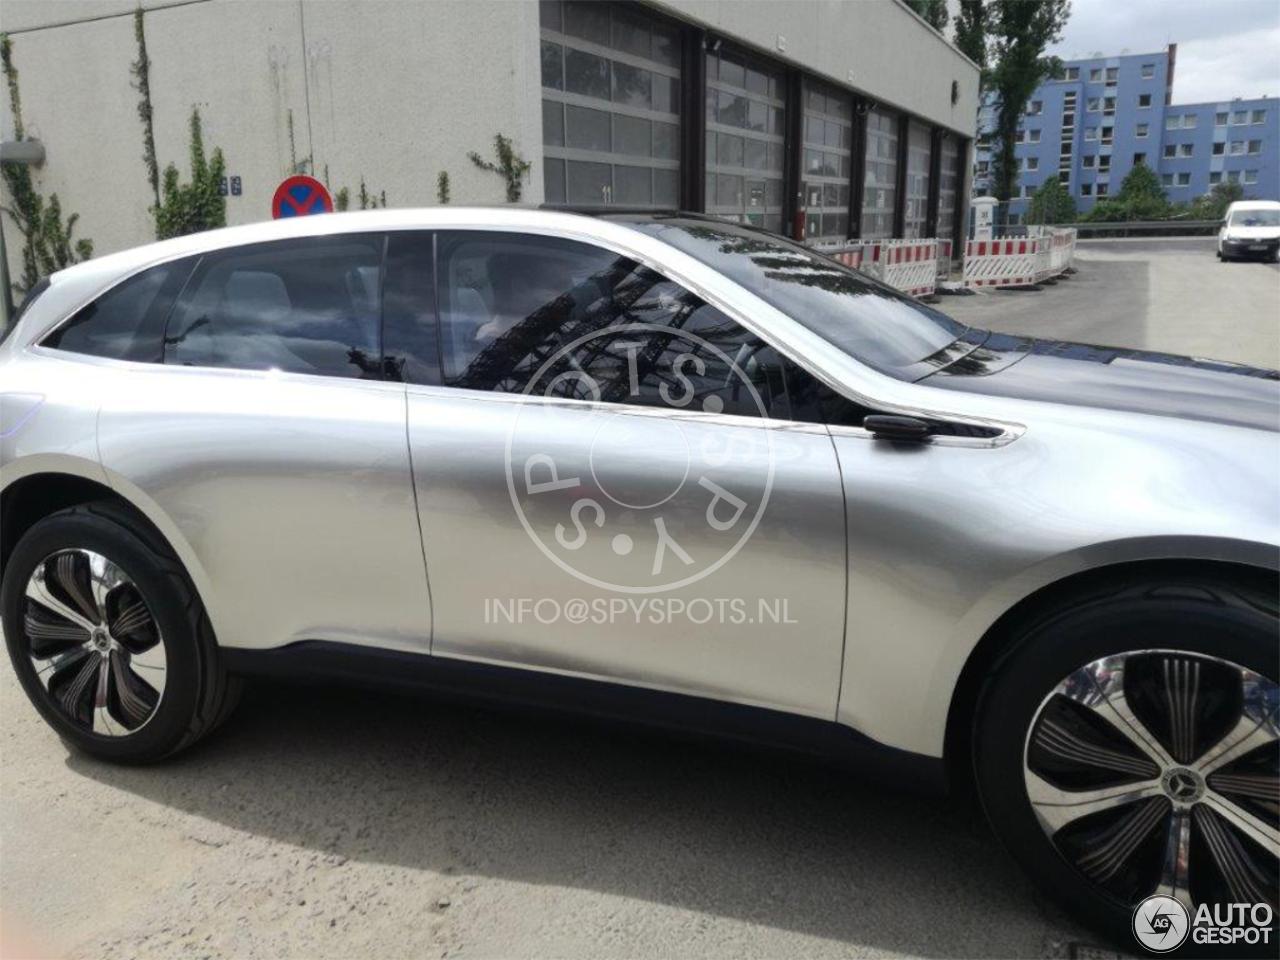 Mercedes benz generation eq concept 30 june 2017 for Mercedes benz concept eq